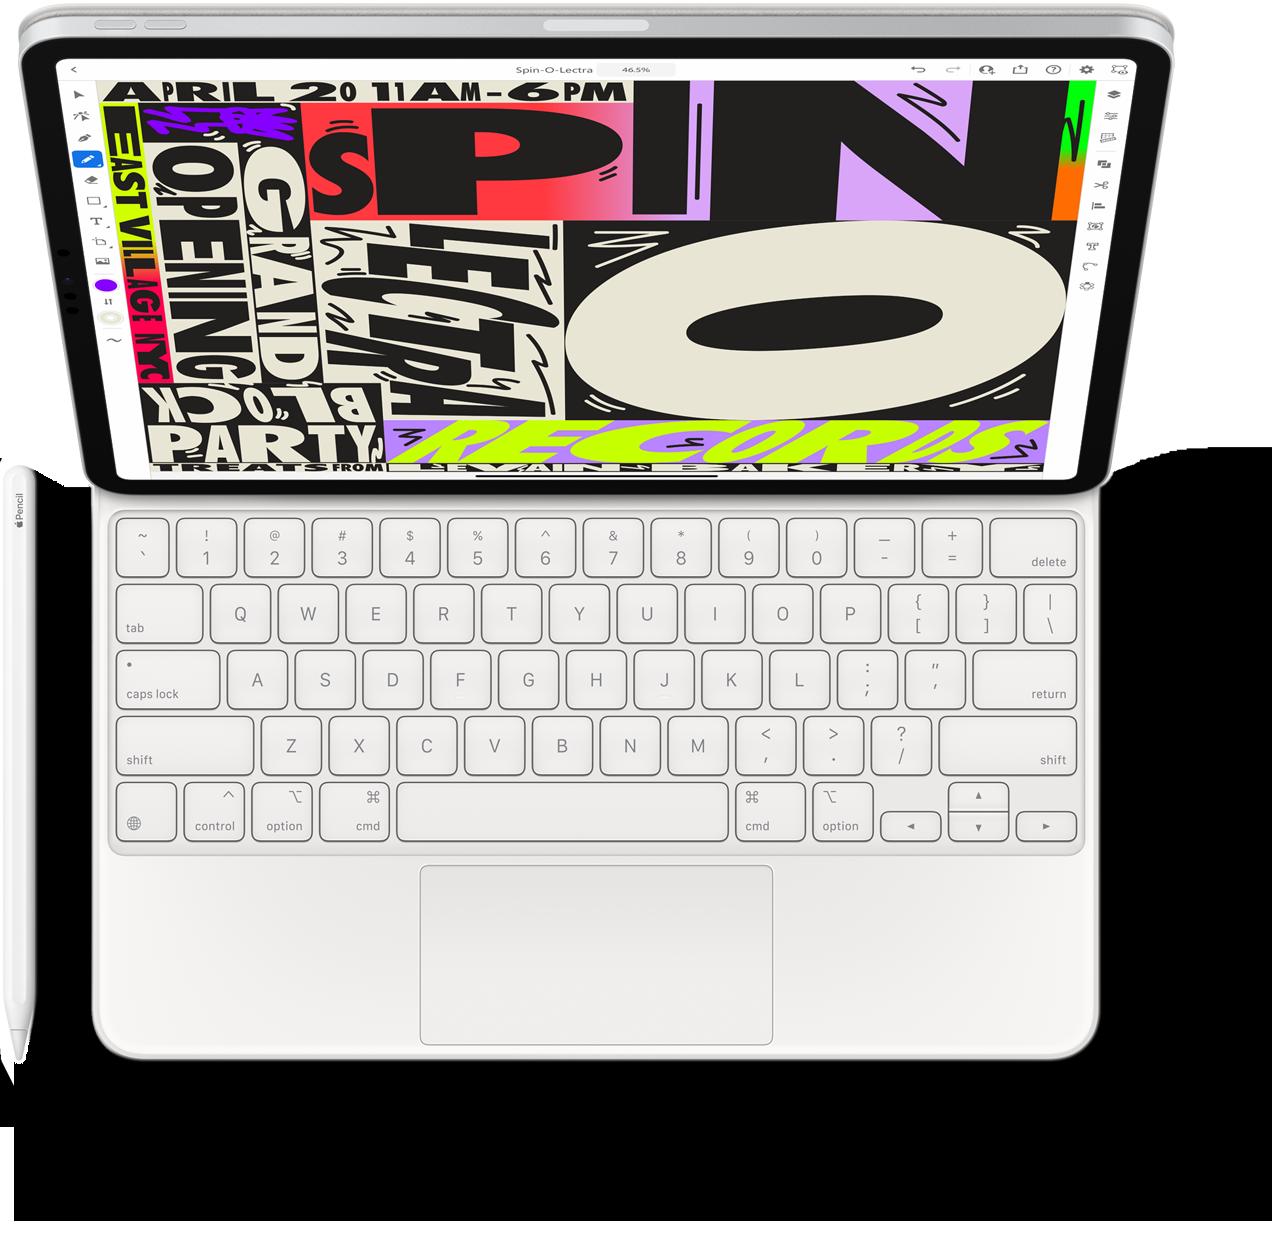 Apple iPad Pro 2021(12.9吋, WiFi, 128GB)規格、價錢與介紹 - ePrice.HK 流動版-0